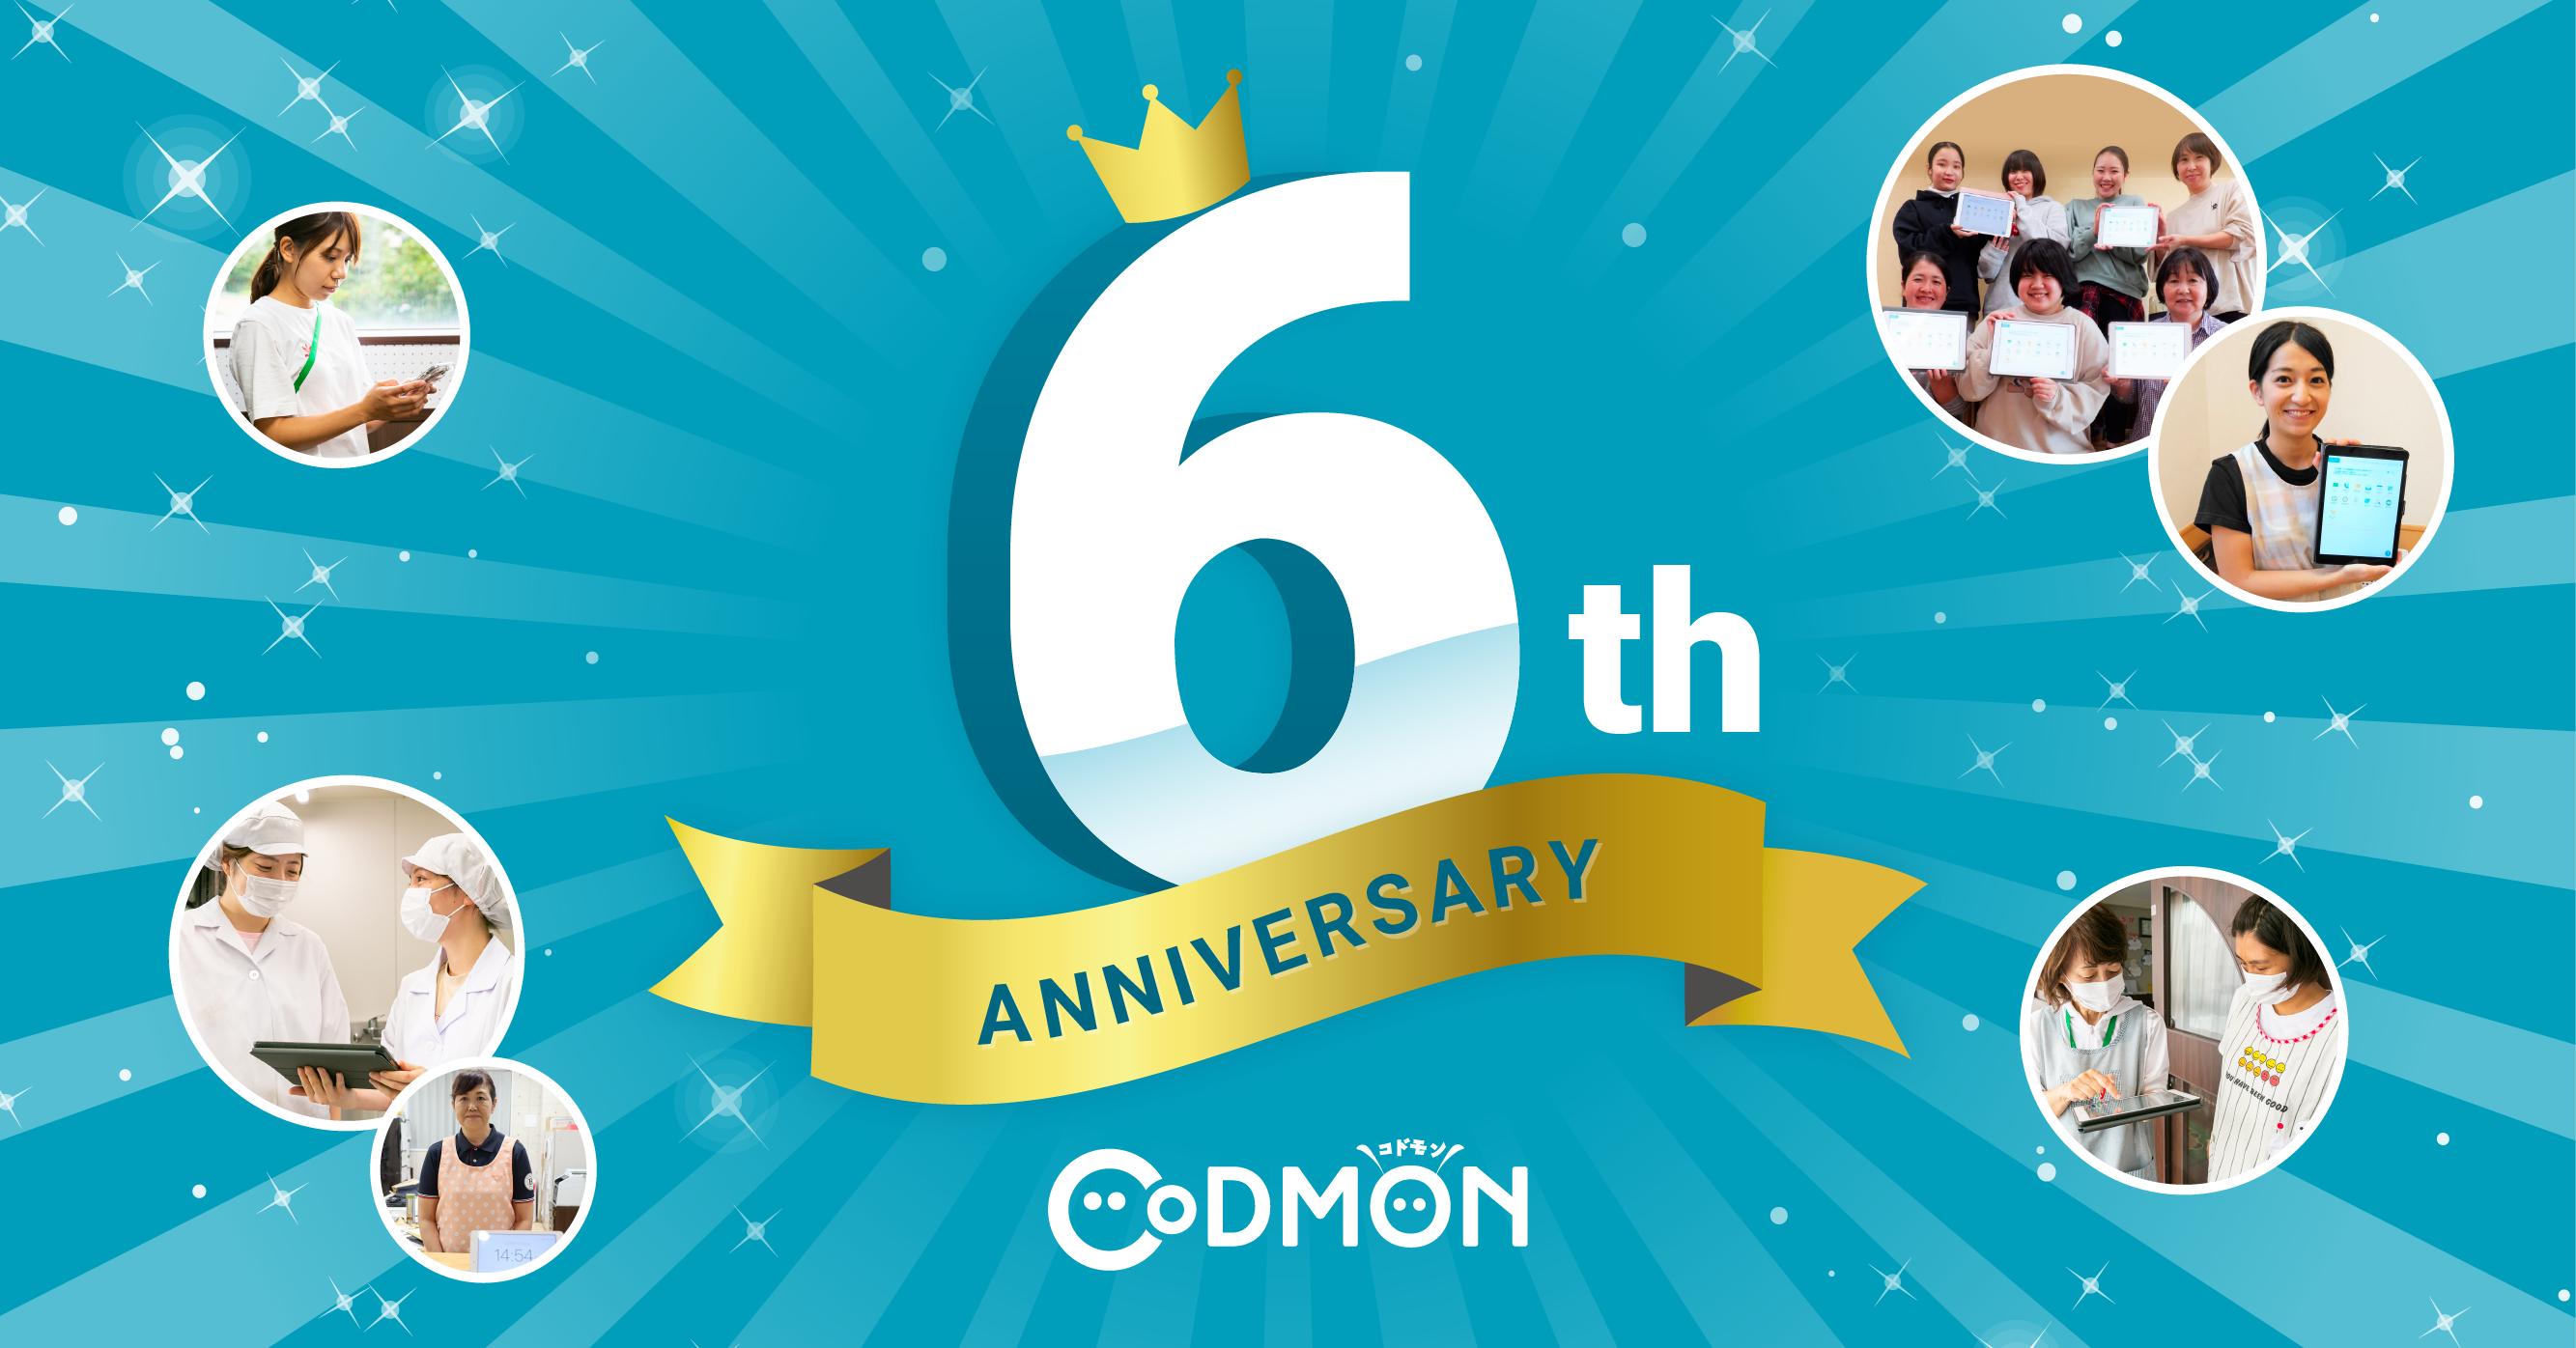 コドモン6周年の感謝と持続可能な施設運営をサポートする新サービスのご案内